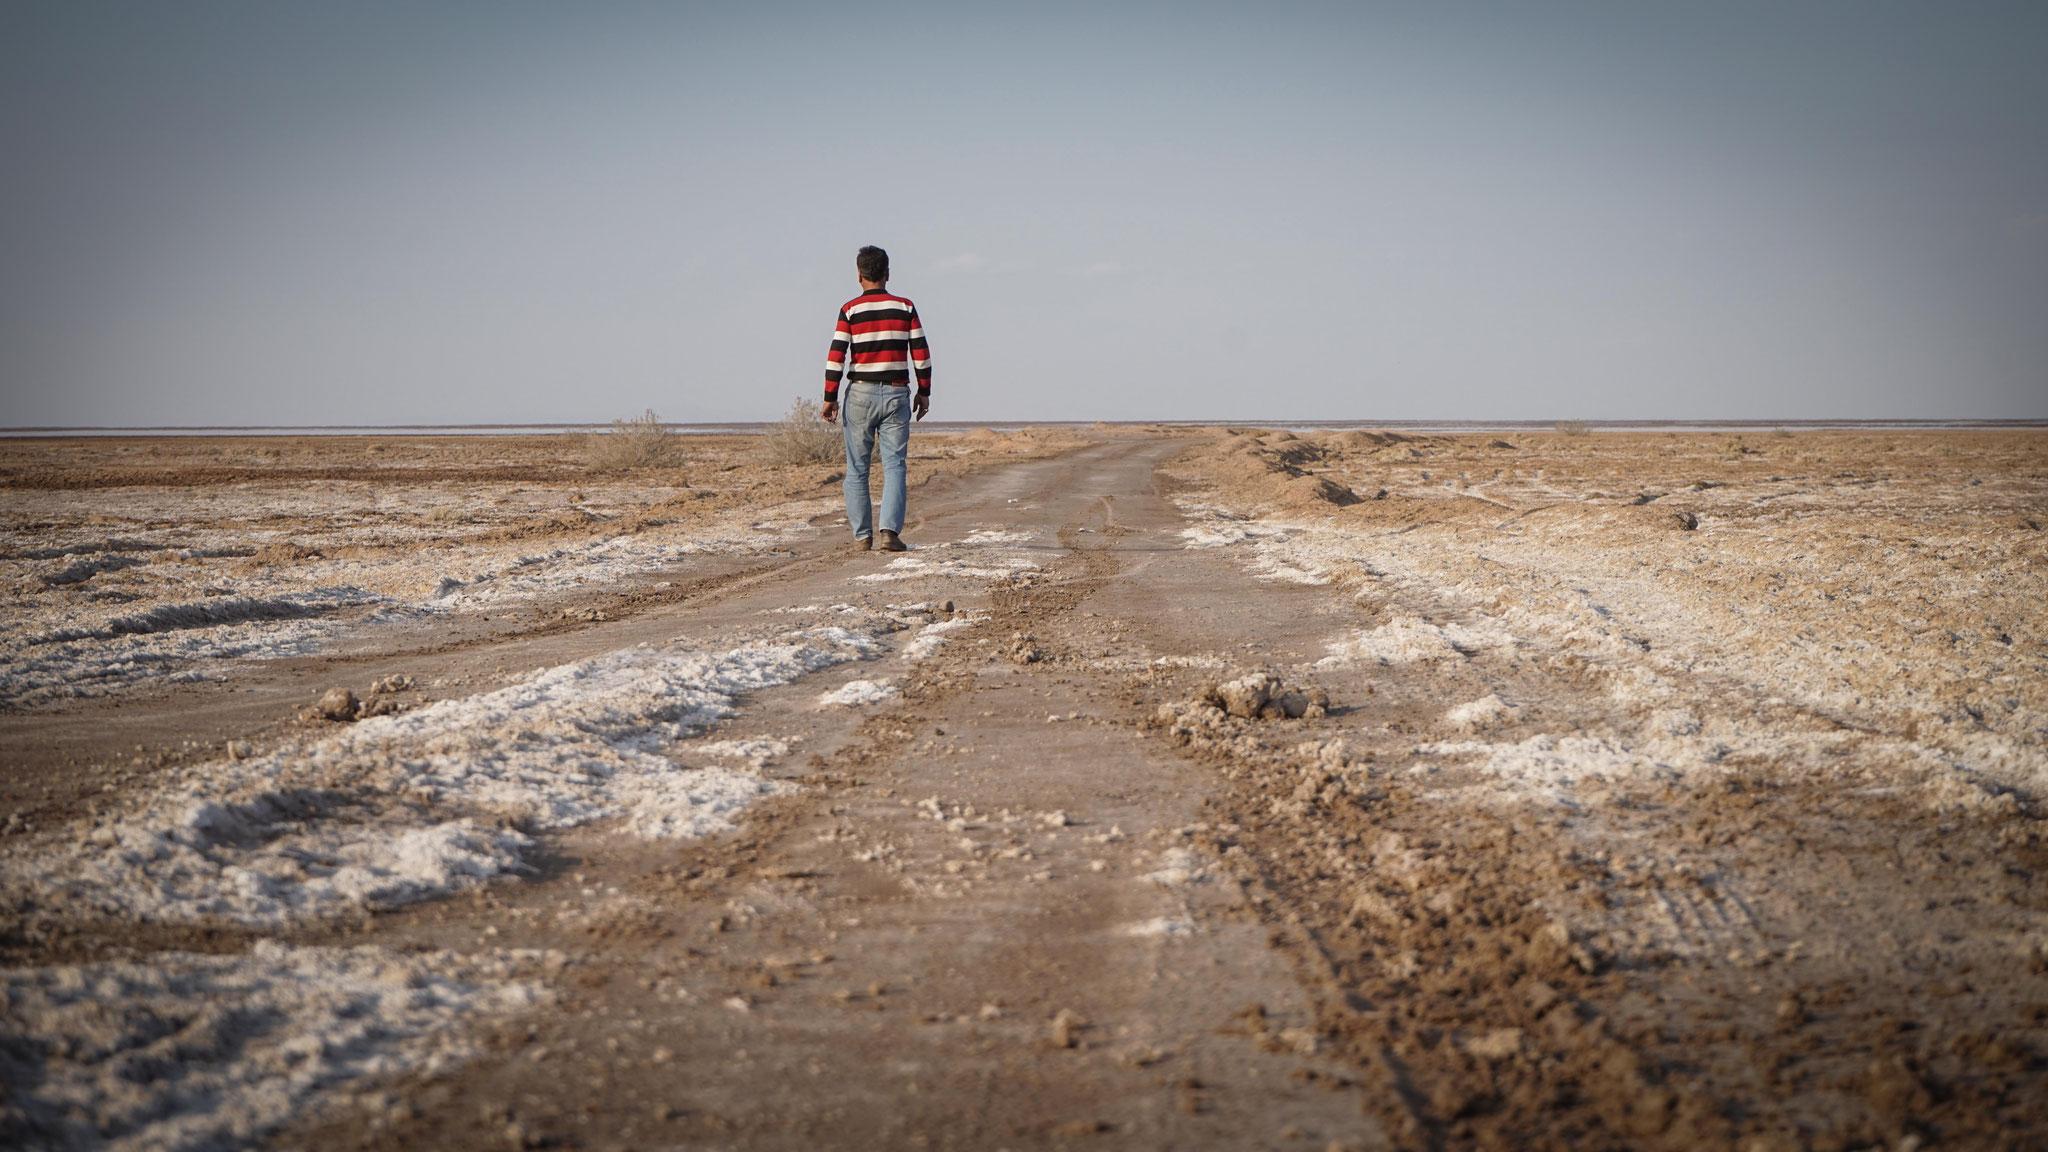 Am Namaksee, einem Salzsee in der Nähe von Kashan im Iran